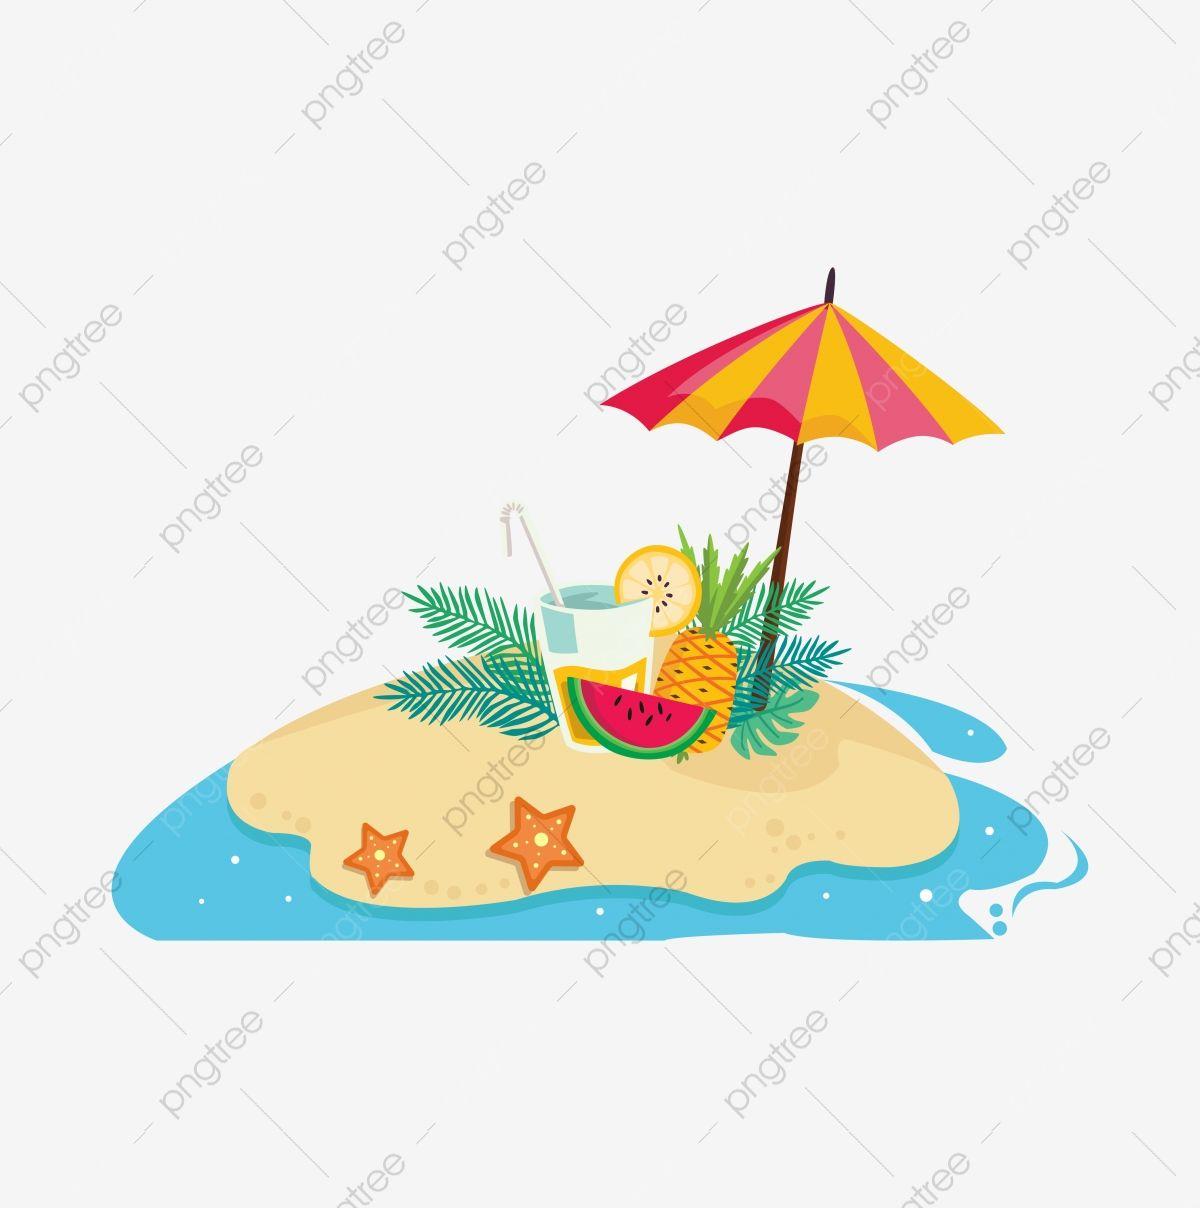 Sombrilla De Playa De Dibujos Animados Pintados A Mano Sombrilla Clipart De Playa Paraguas Paraguas Protector Png Y Vector Para Descargar Gratis Pngtree Paraguas Manos Dibujo Dibujos Animados